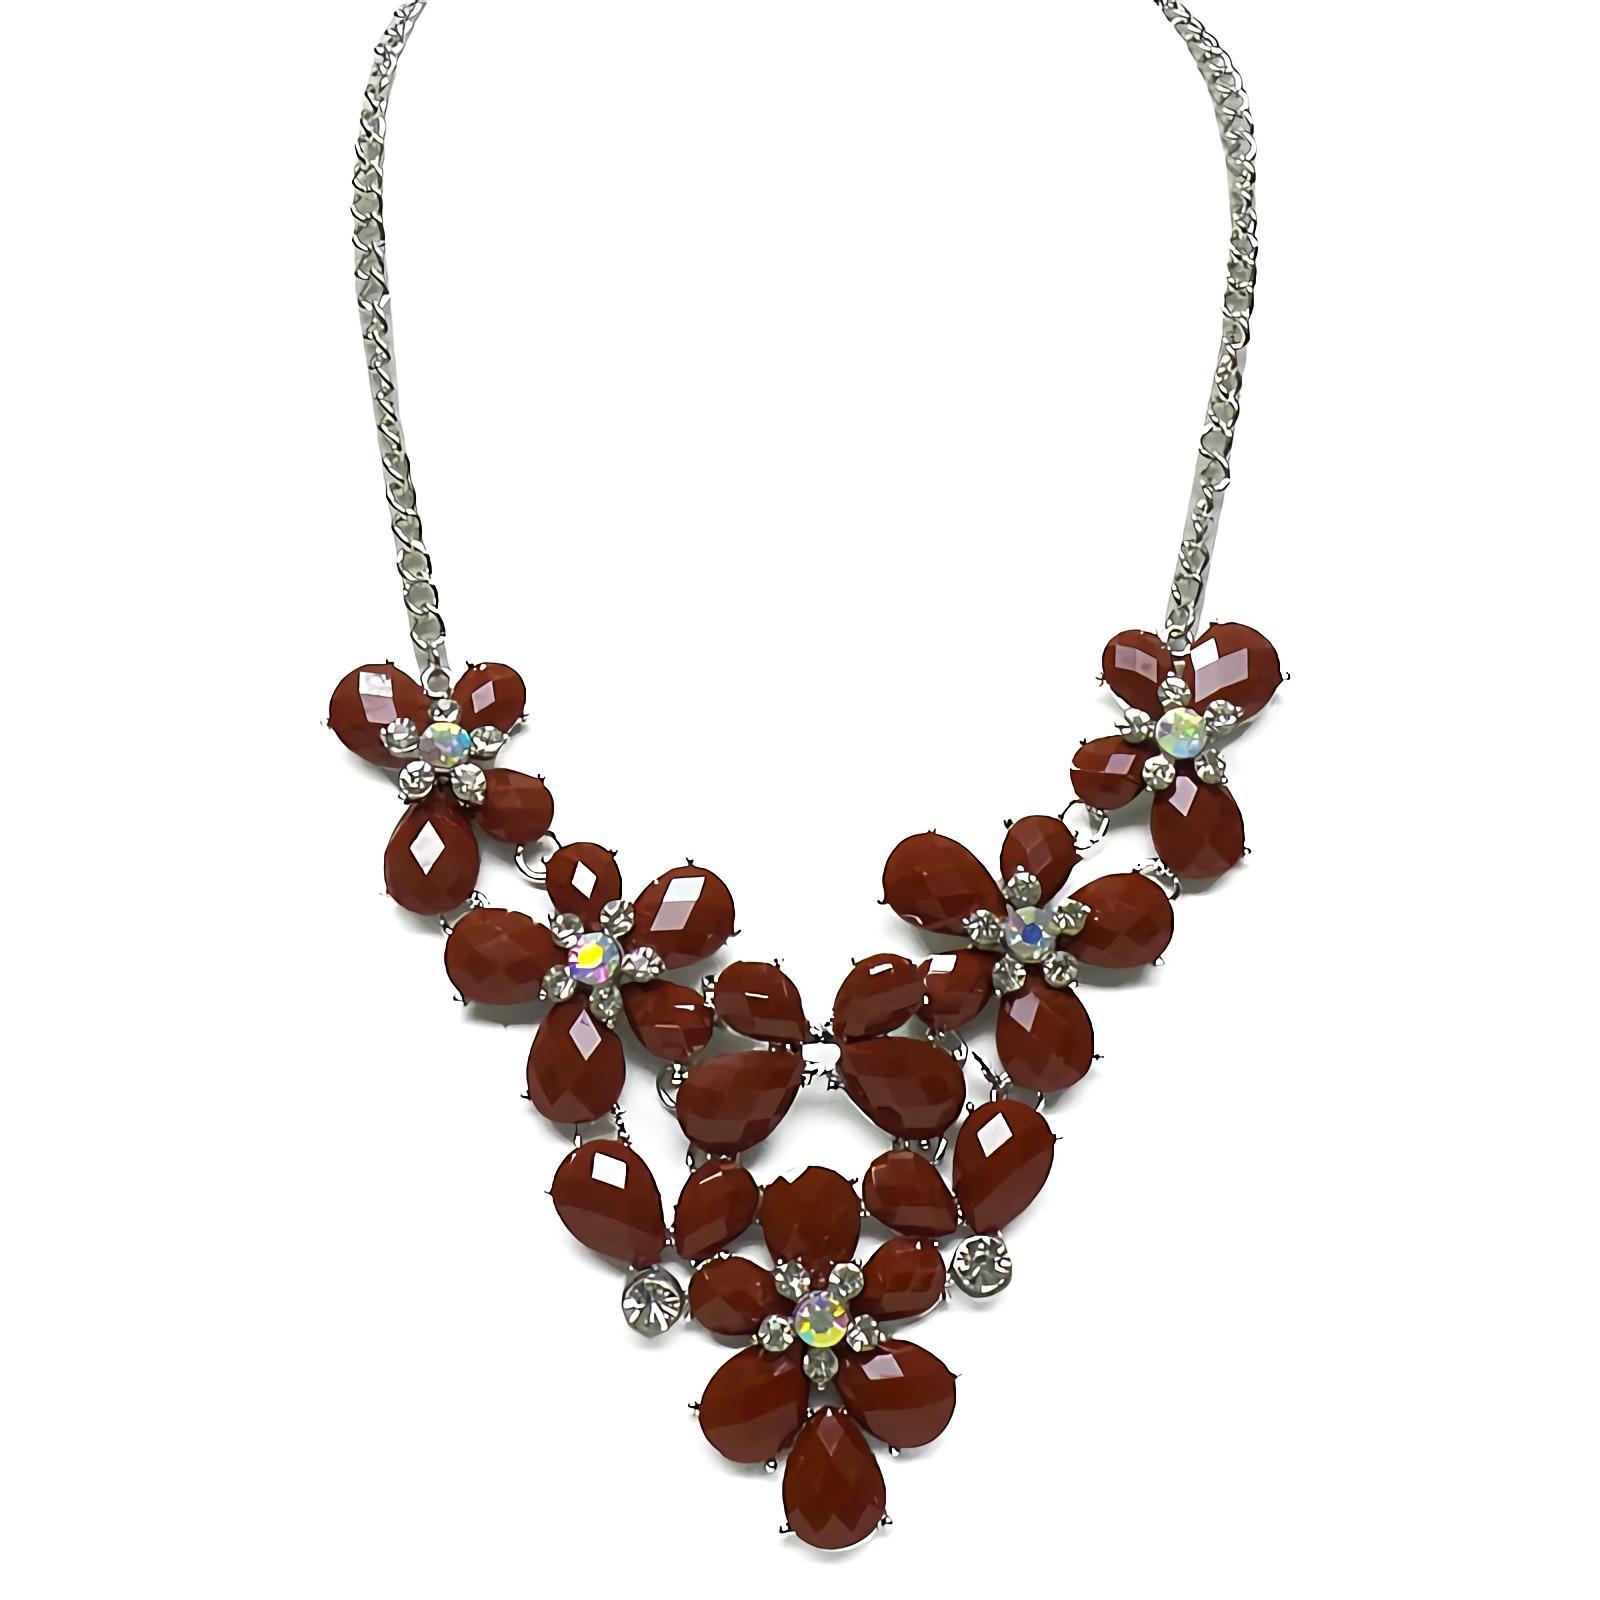 Modern Necklace Accessories Panjang 54 Cm - Biru. Source · OFASHION Aksesoris .